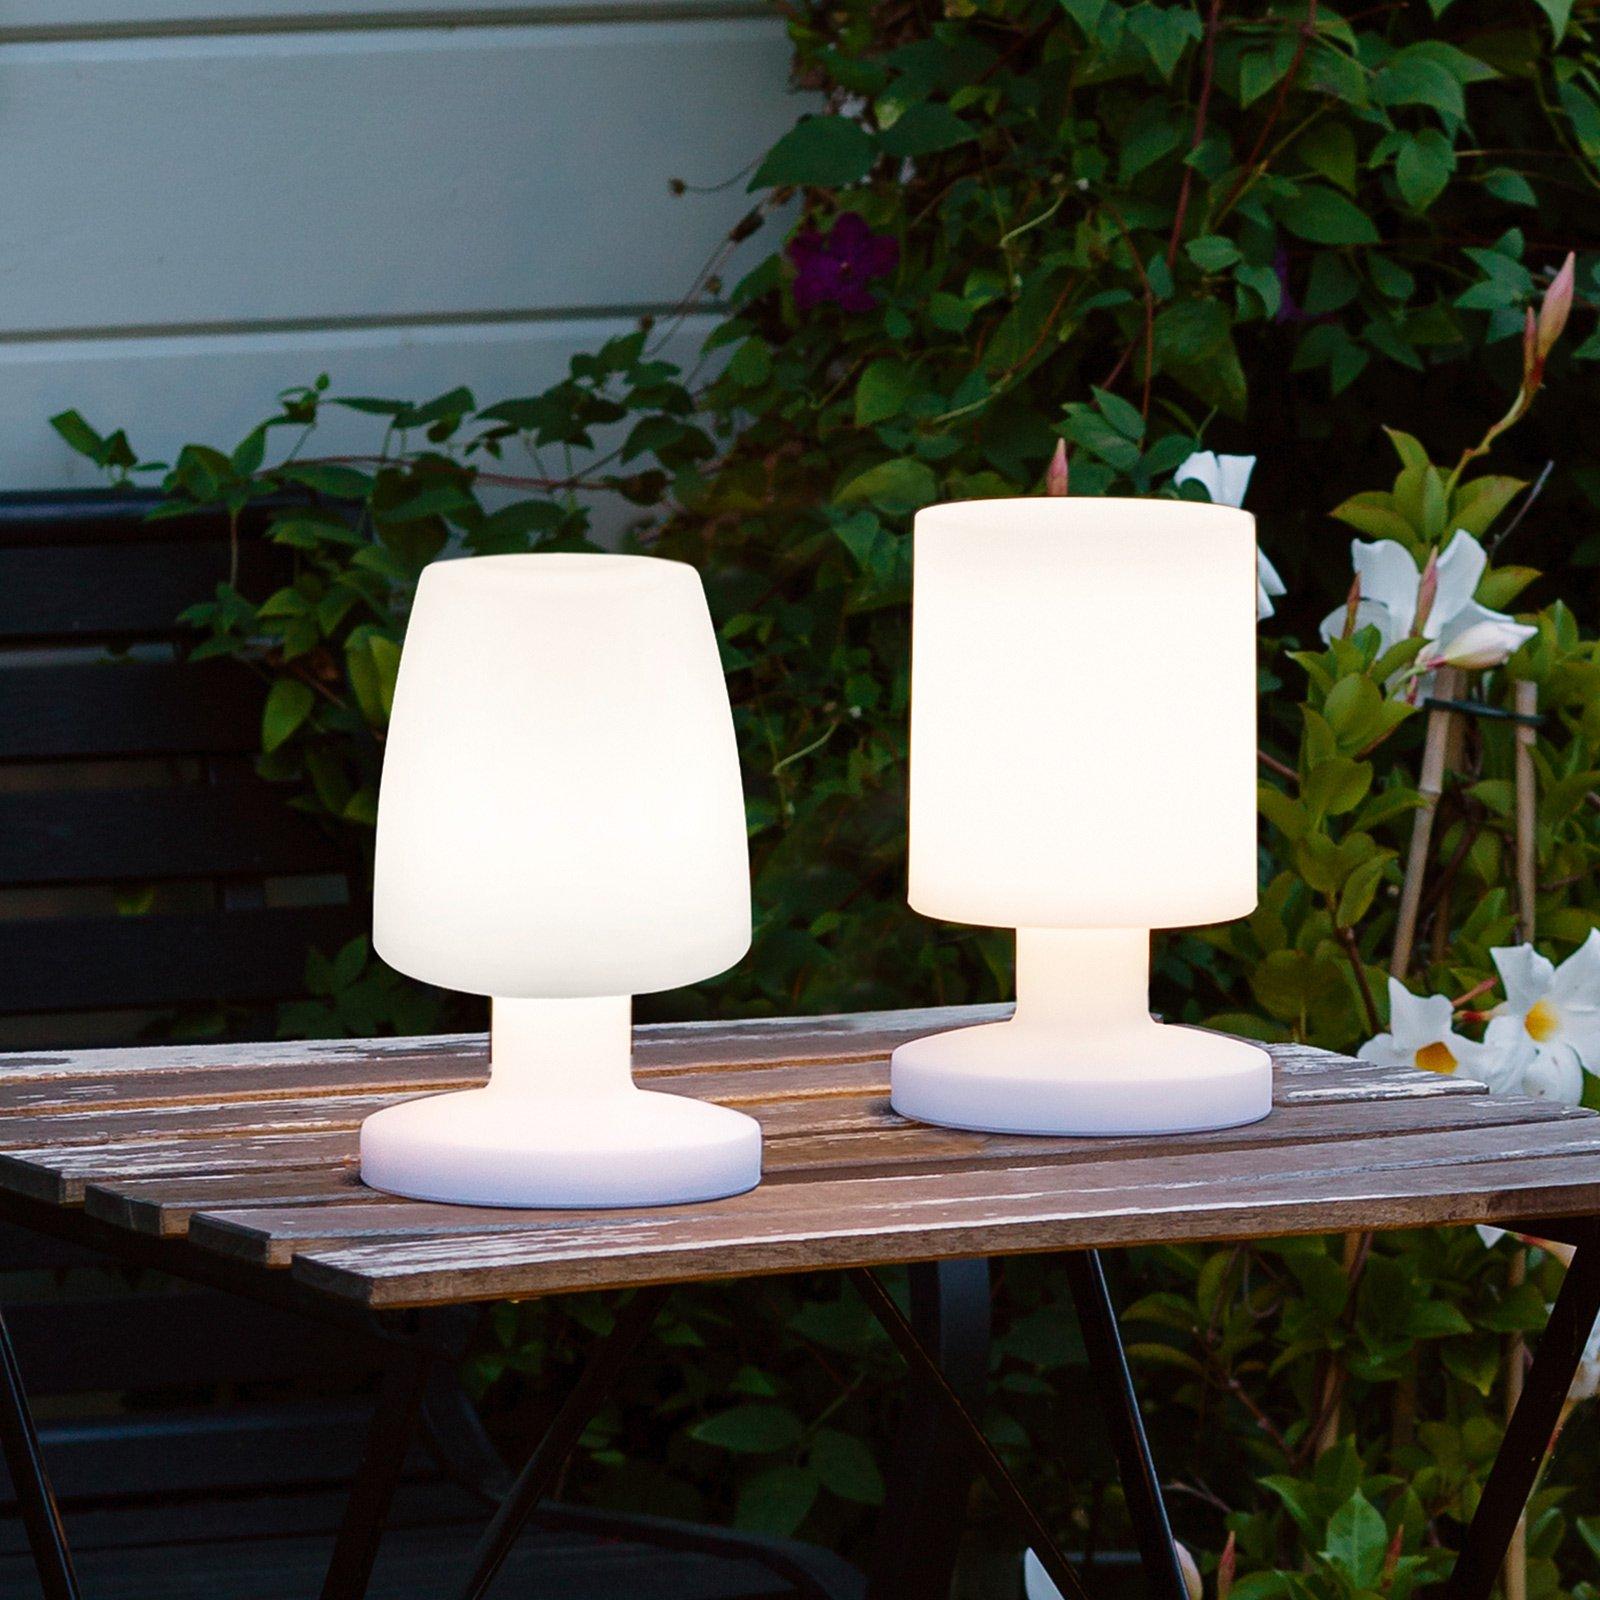 LED-bordlampe Dora, batteridrift for utendørs bruk